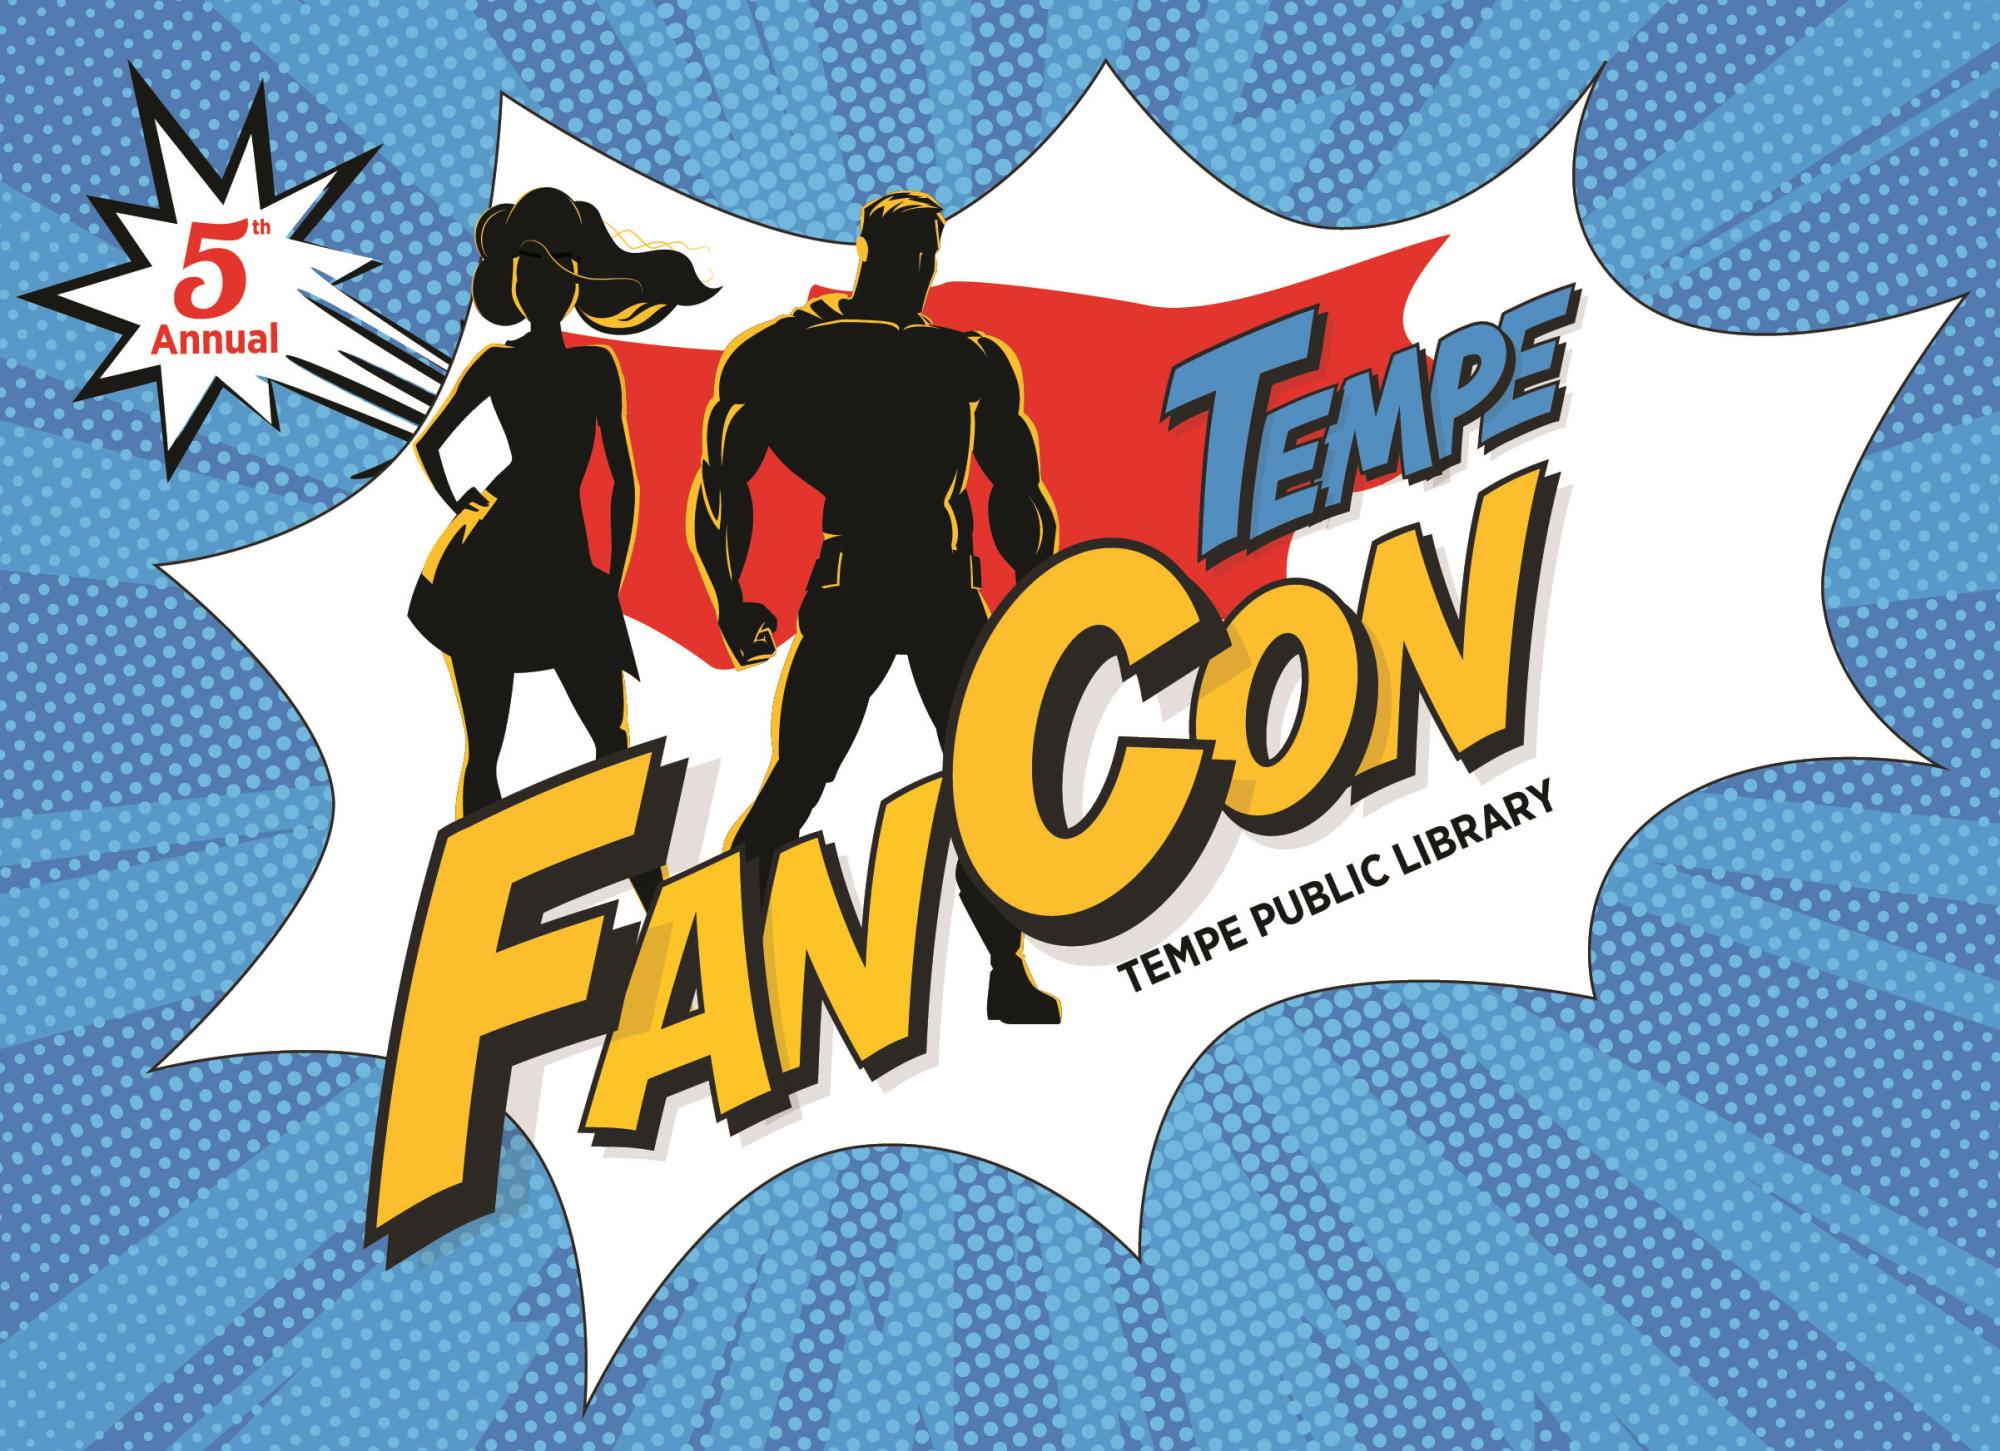 FanCon-background-date